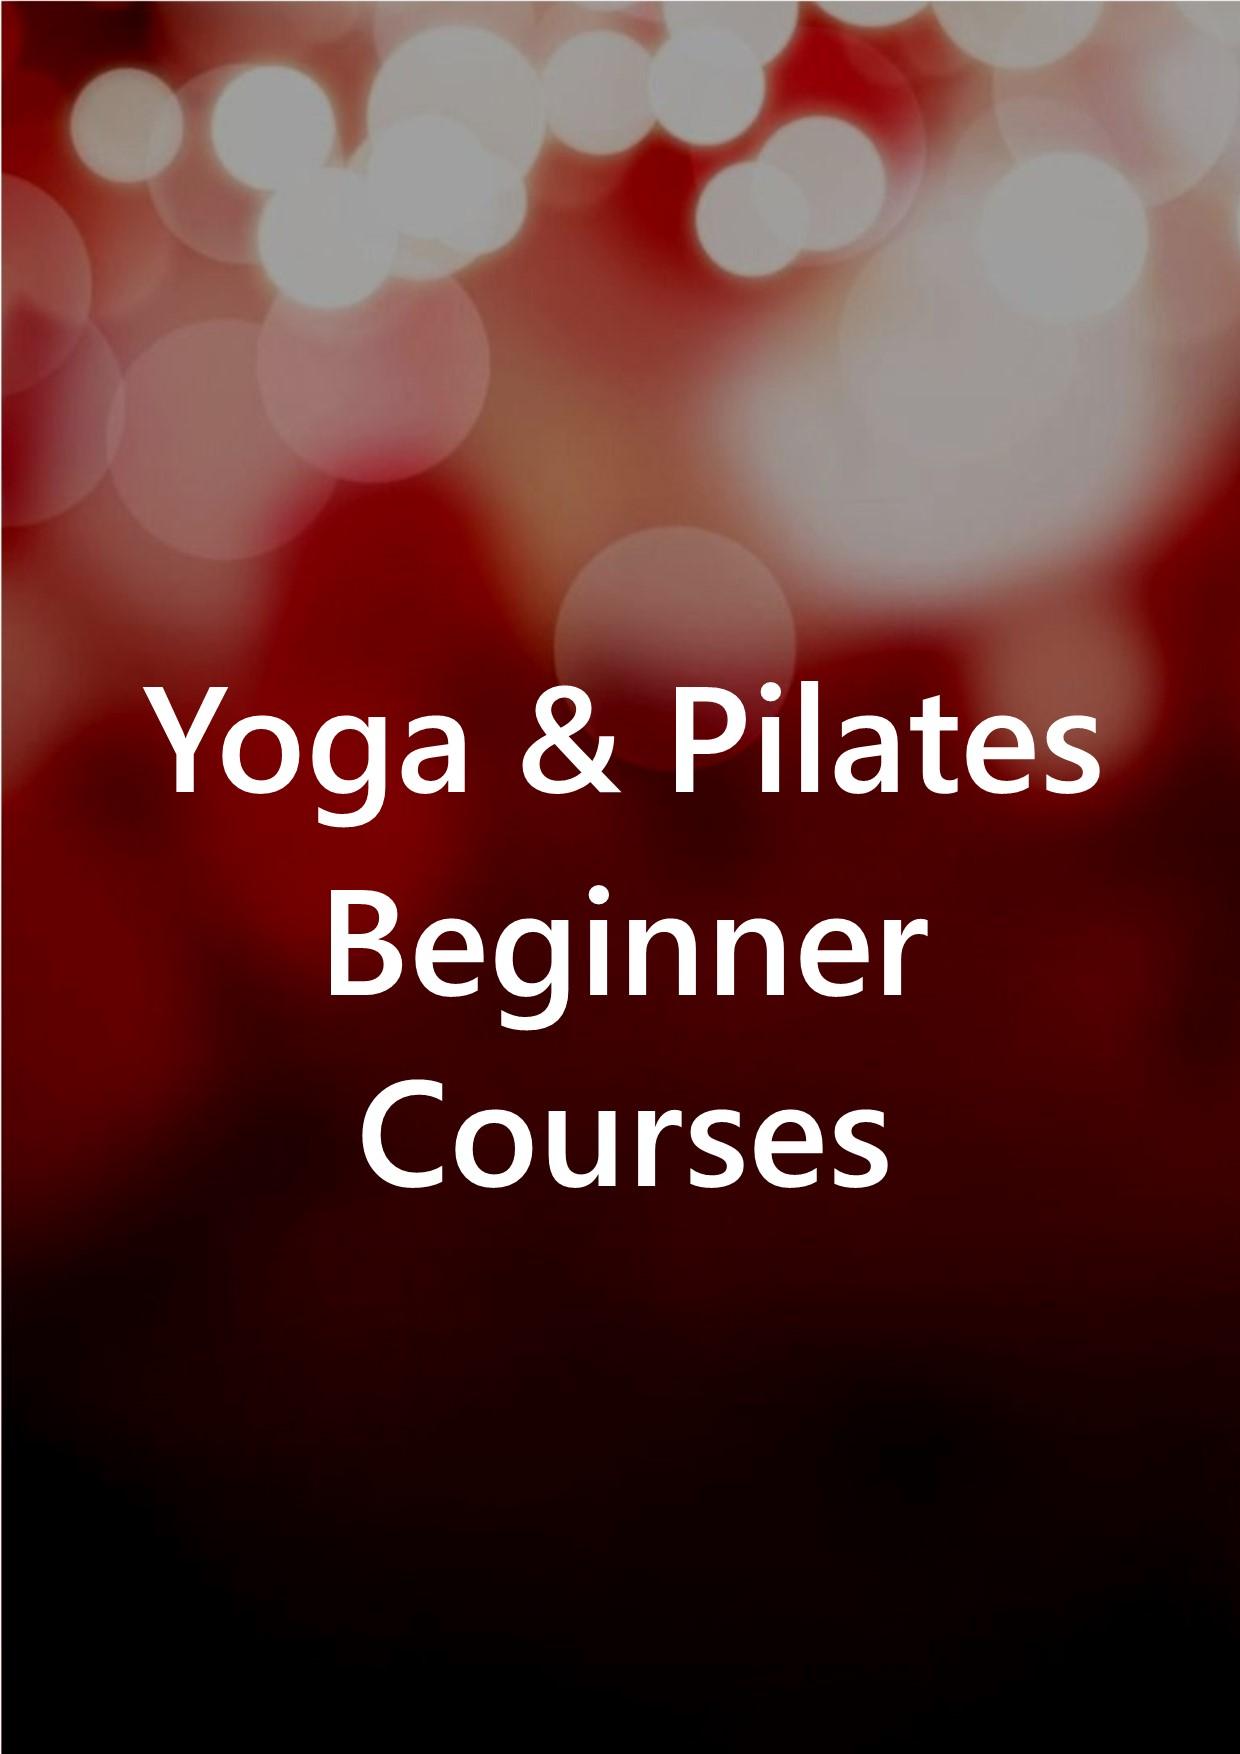 beginner courses.jpg